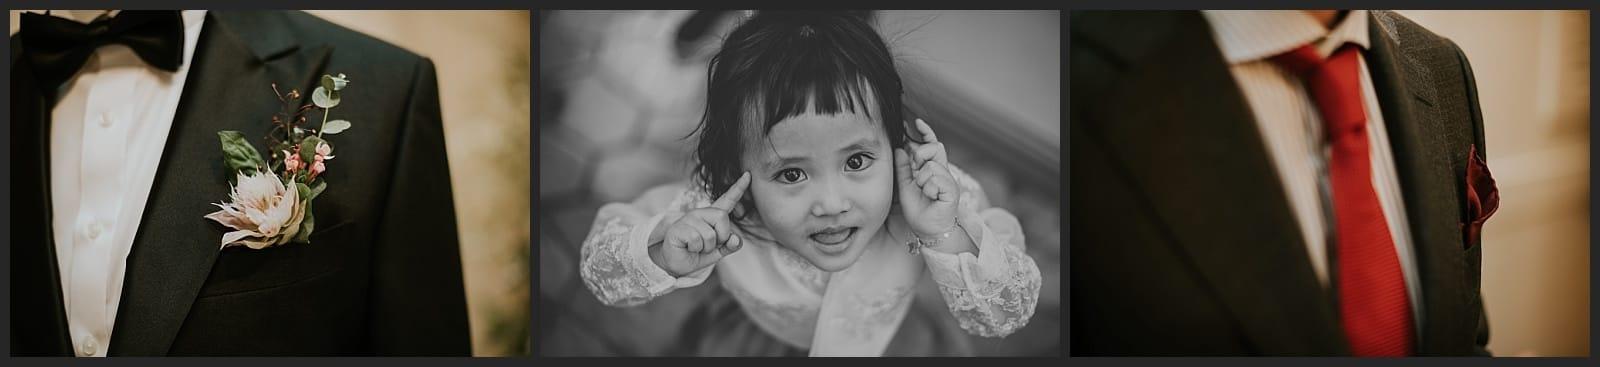 Détails de costume du mariée et de son frère et portrait d'une petite fille par Vivien Malagnat photographe